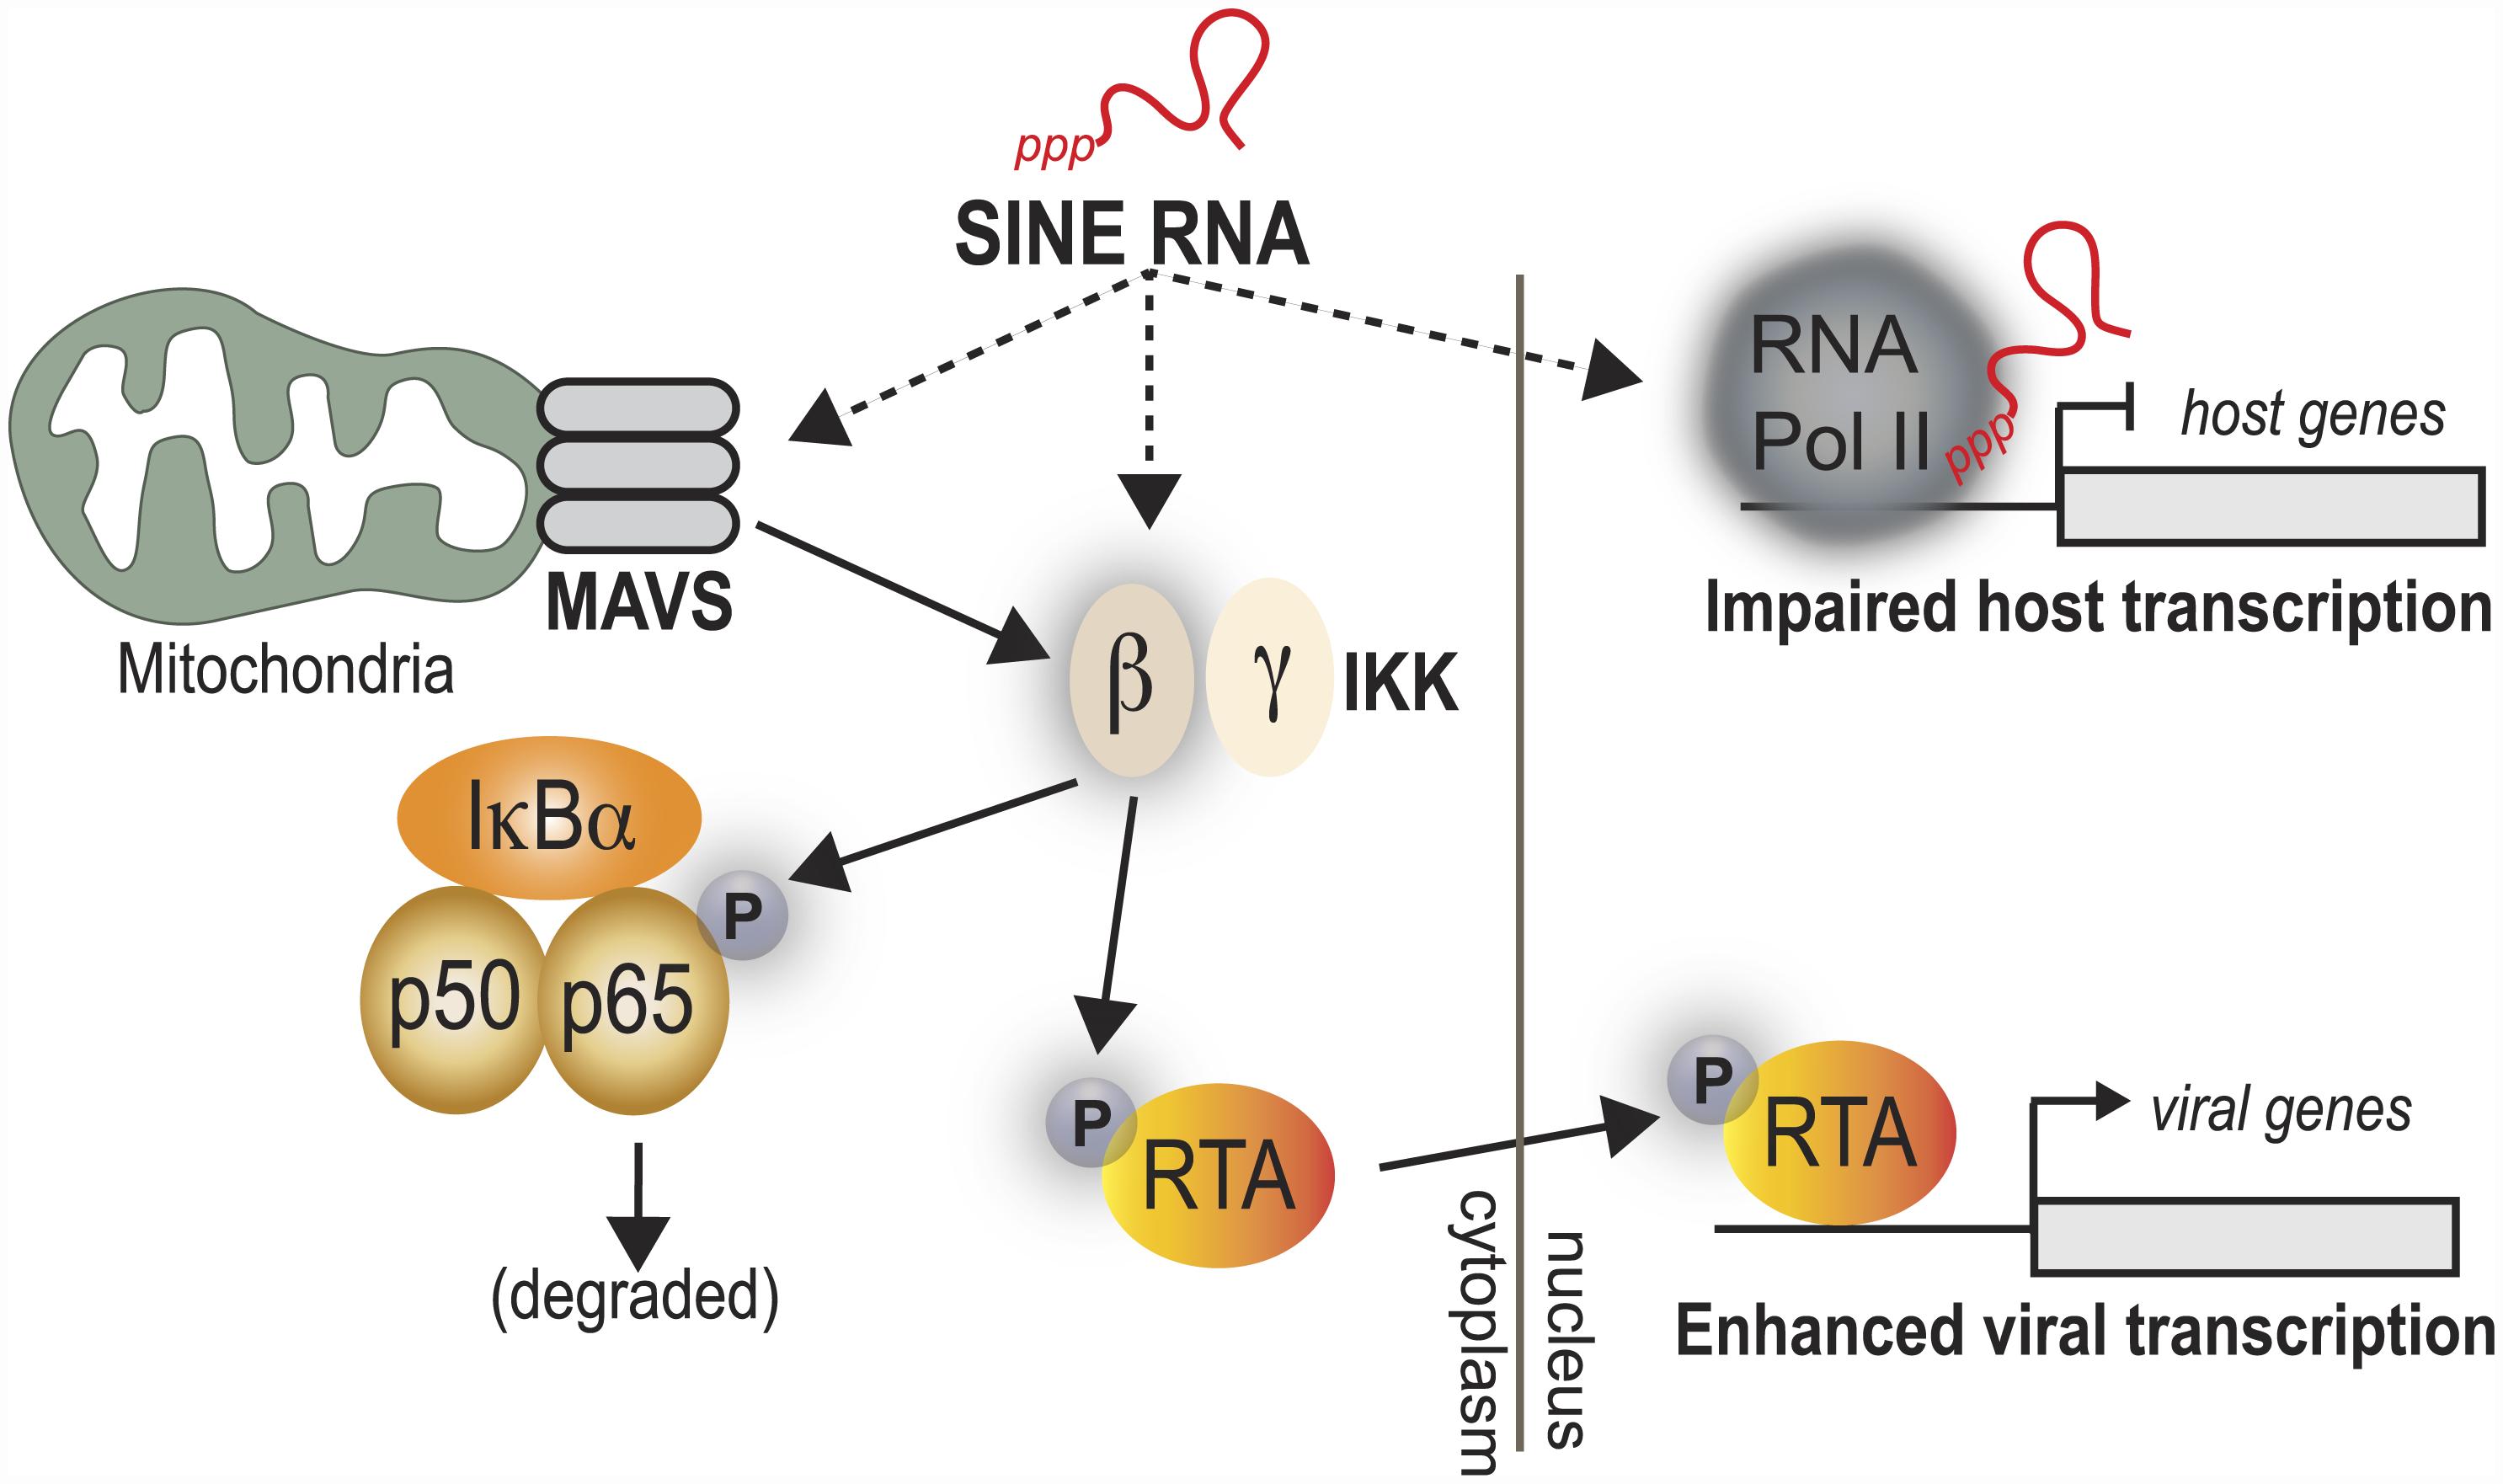 Model for SINE RNA enhancement of viral gene expression.